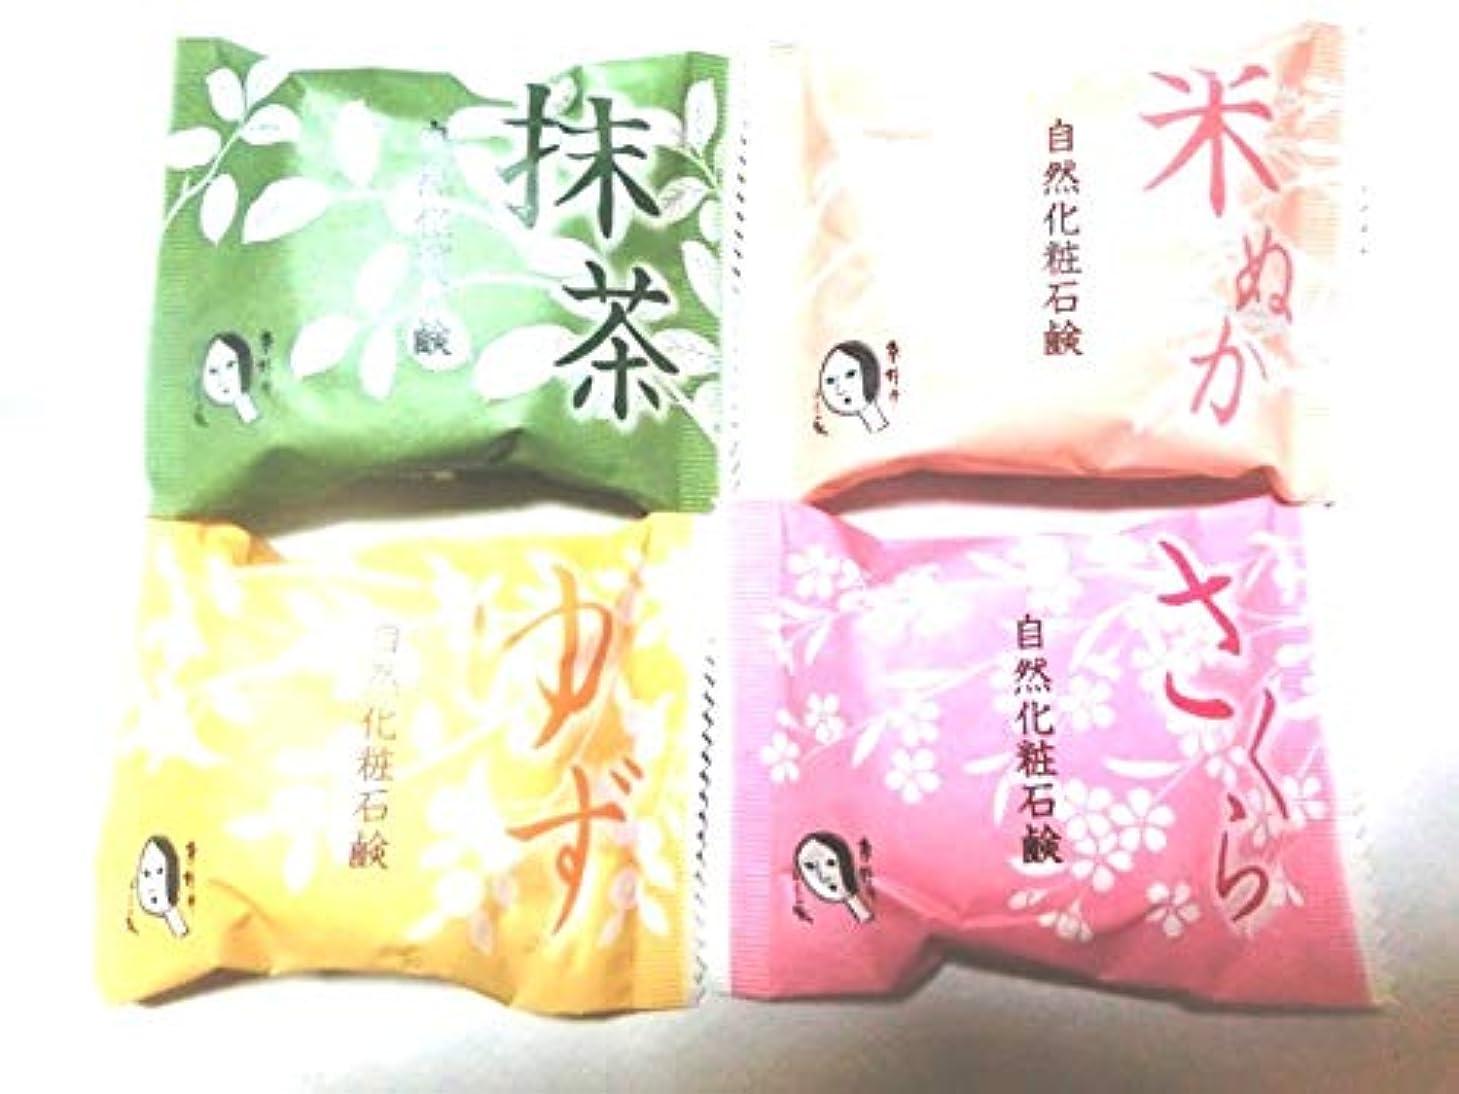 未接続カレンダーヒープよーじや 自然化粧石鹸 50g (ゆず)